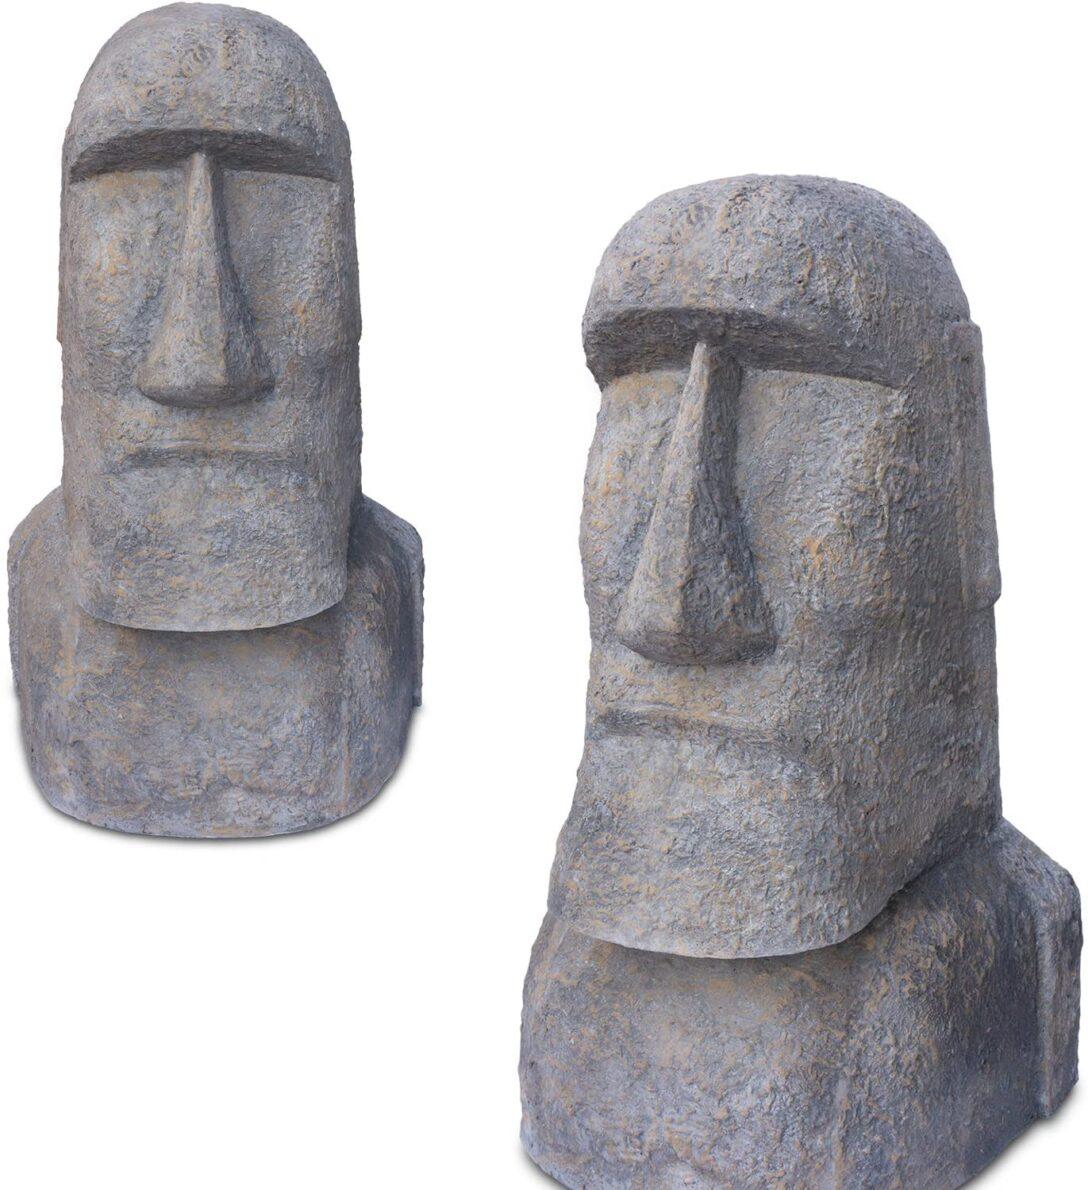 Large Size of Gartenskulpturen Stein Amazonde Fahome Moai Kopf Osterinsel Skulptur Ca 100 Cm Rapa Bad Staffelstein Hotel Steinteppich Hofgastein Gastein Alpina Therme Wohnzimmer Gartenskulpturen Stein